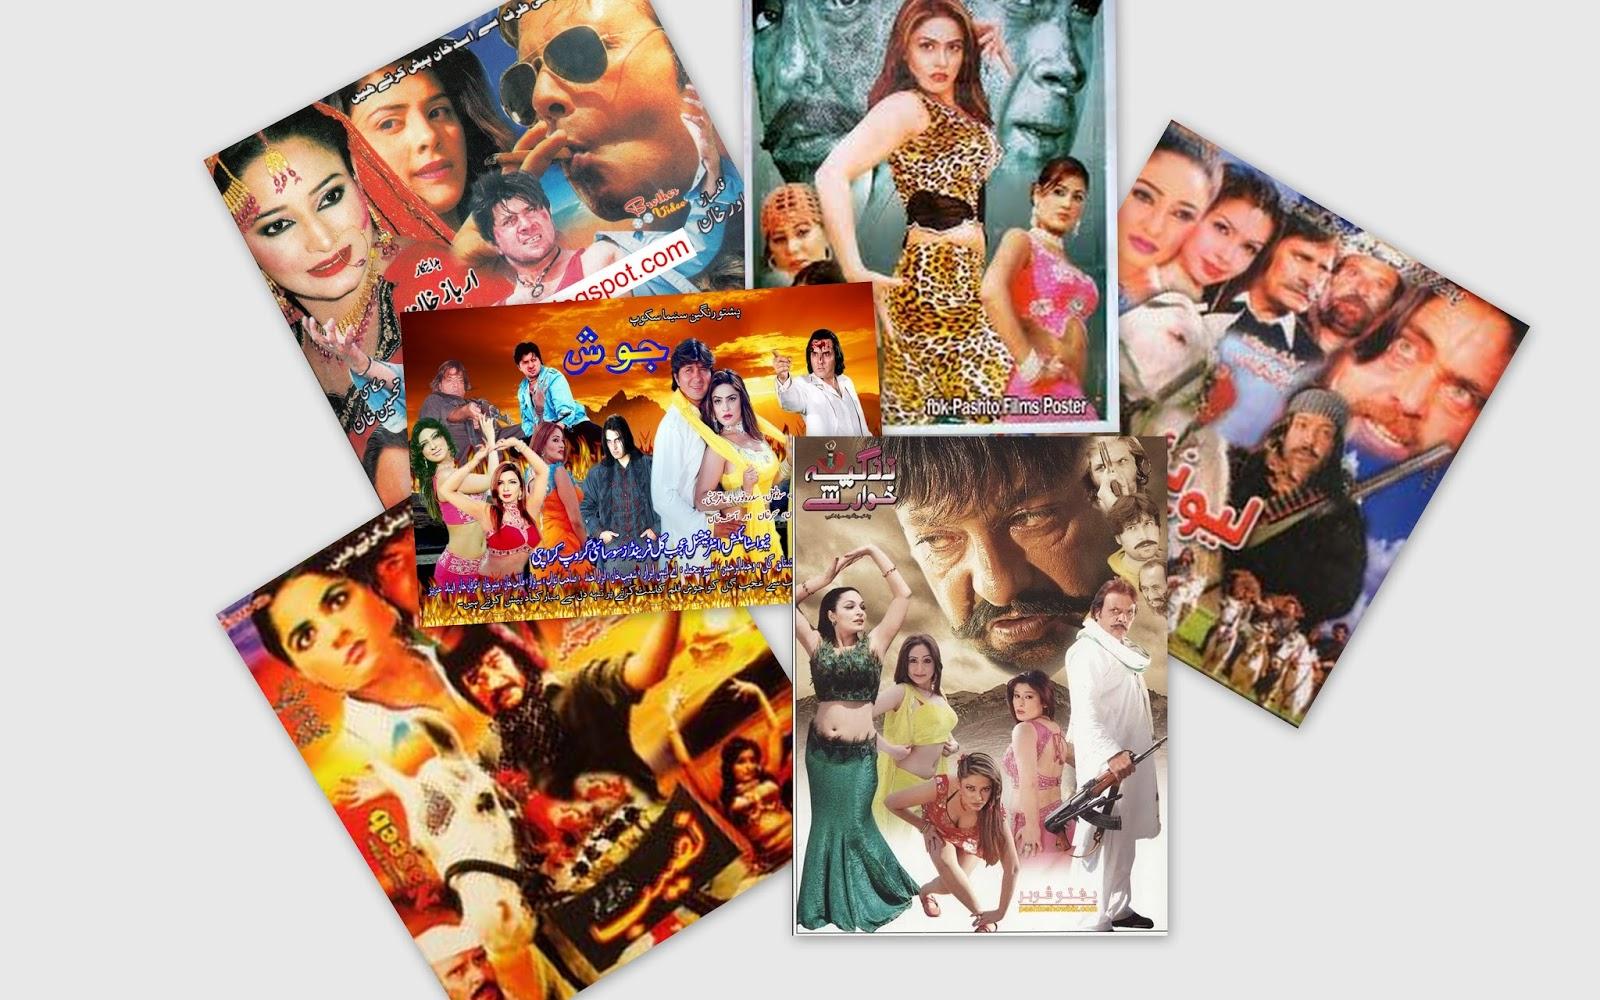 Pashto films/dramas a boon of bane to pashtoon culture? - The Debates